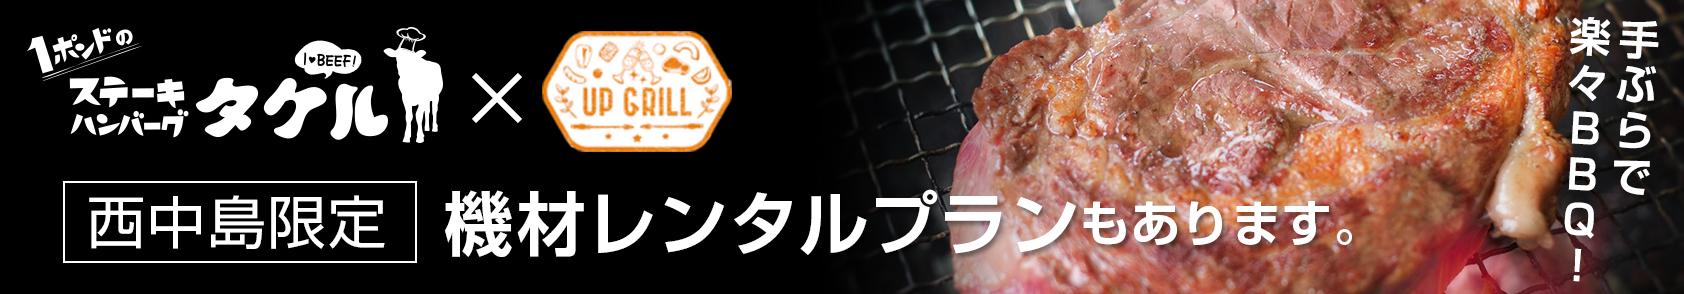 西中島限定!タケルBBQ肉×アップグリル機材プラン